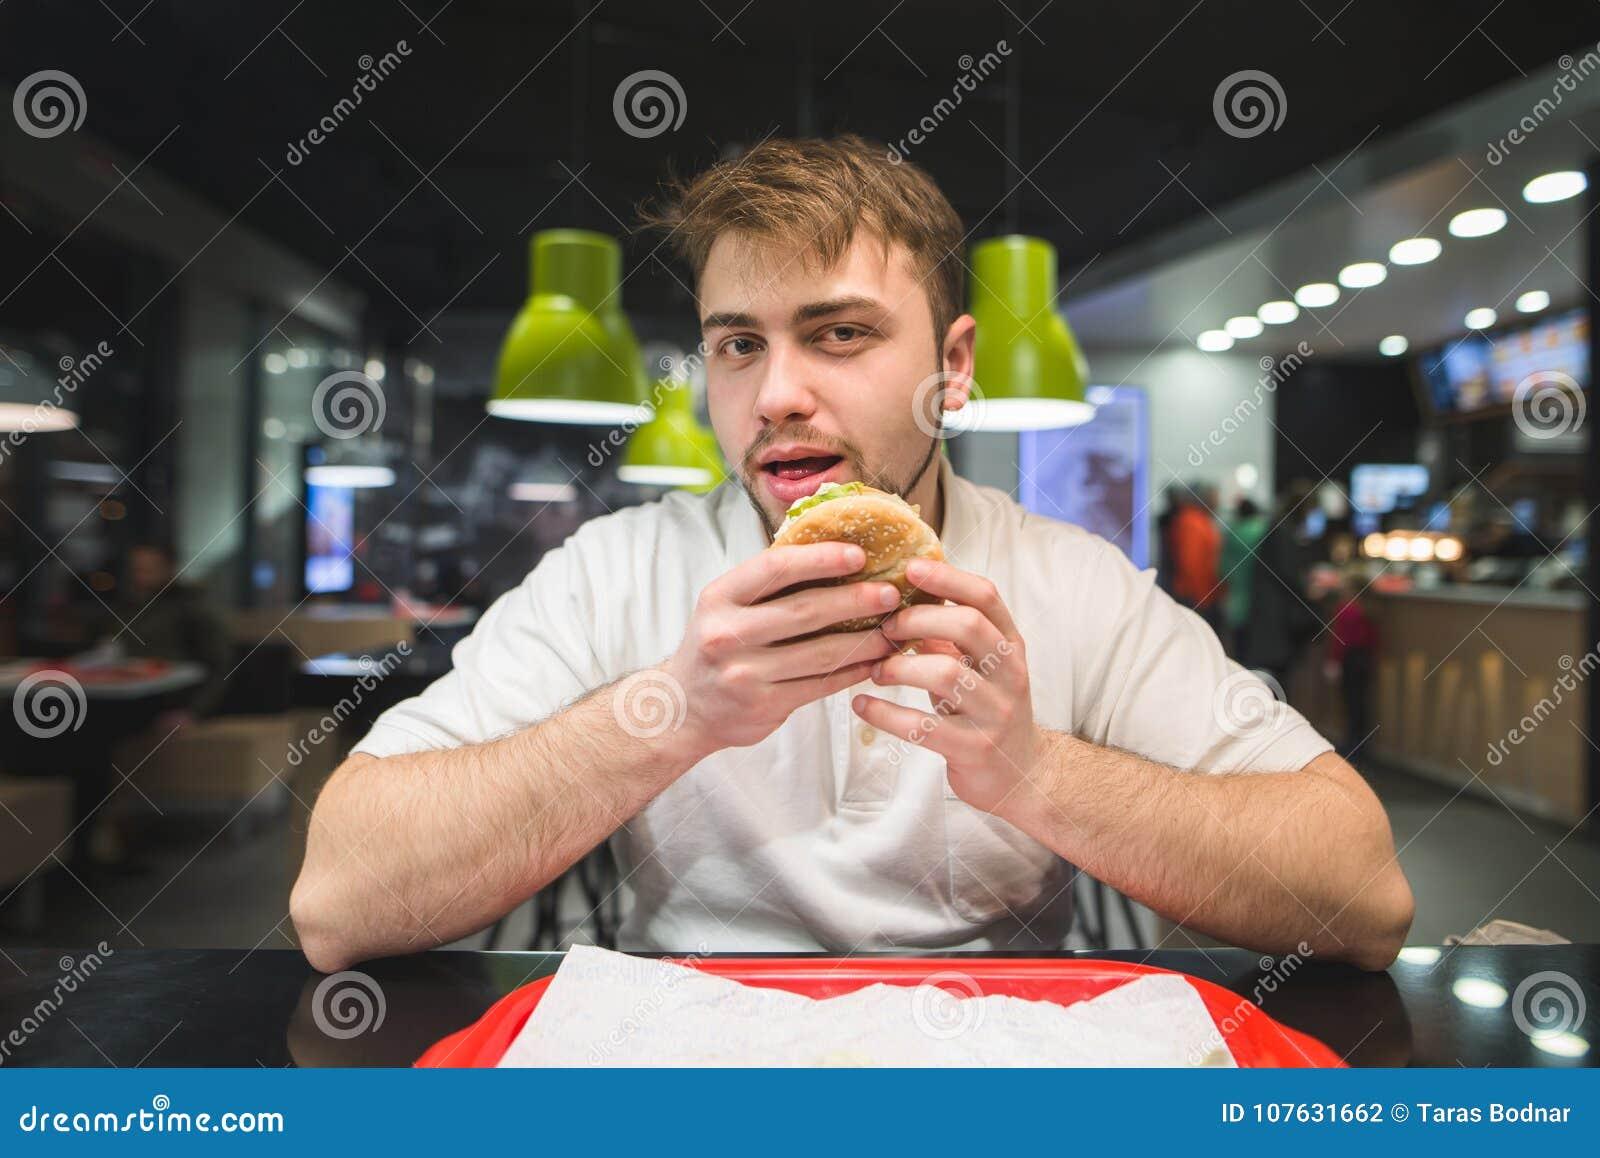 Ein Mann mit einem Bart sitzt in einem Schnellrestaurant mit einem Burger in seinen Händen und betrachtet die Kamera